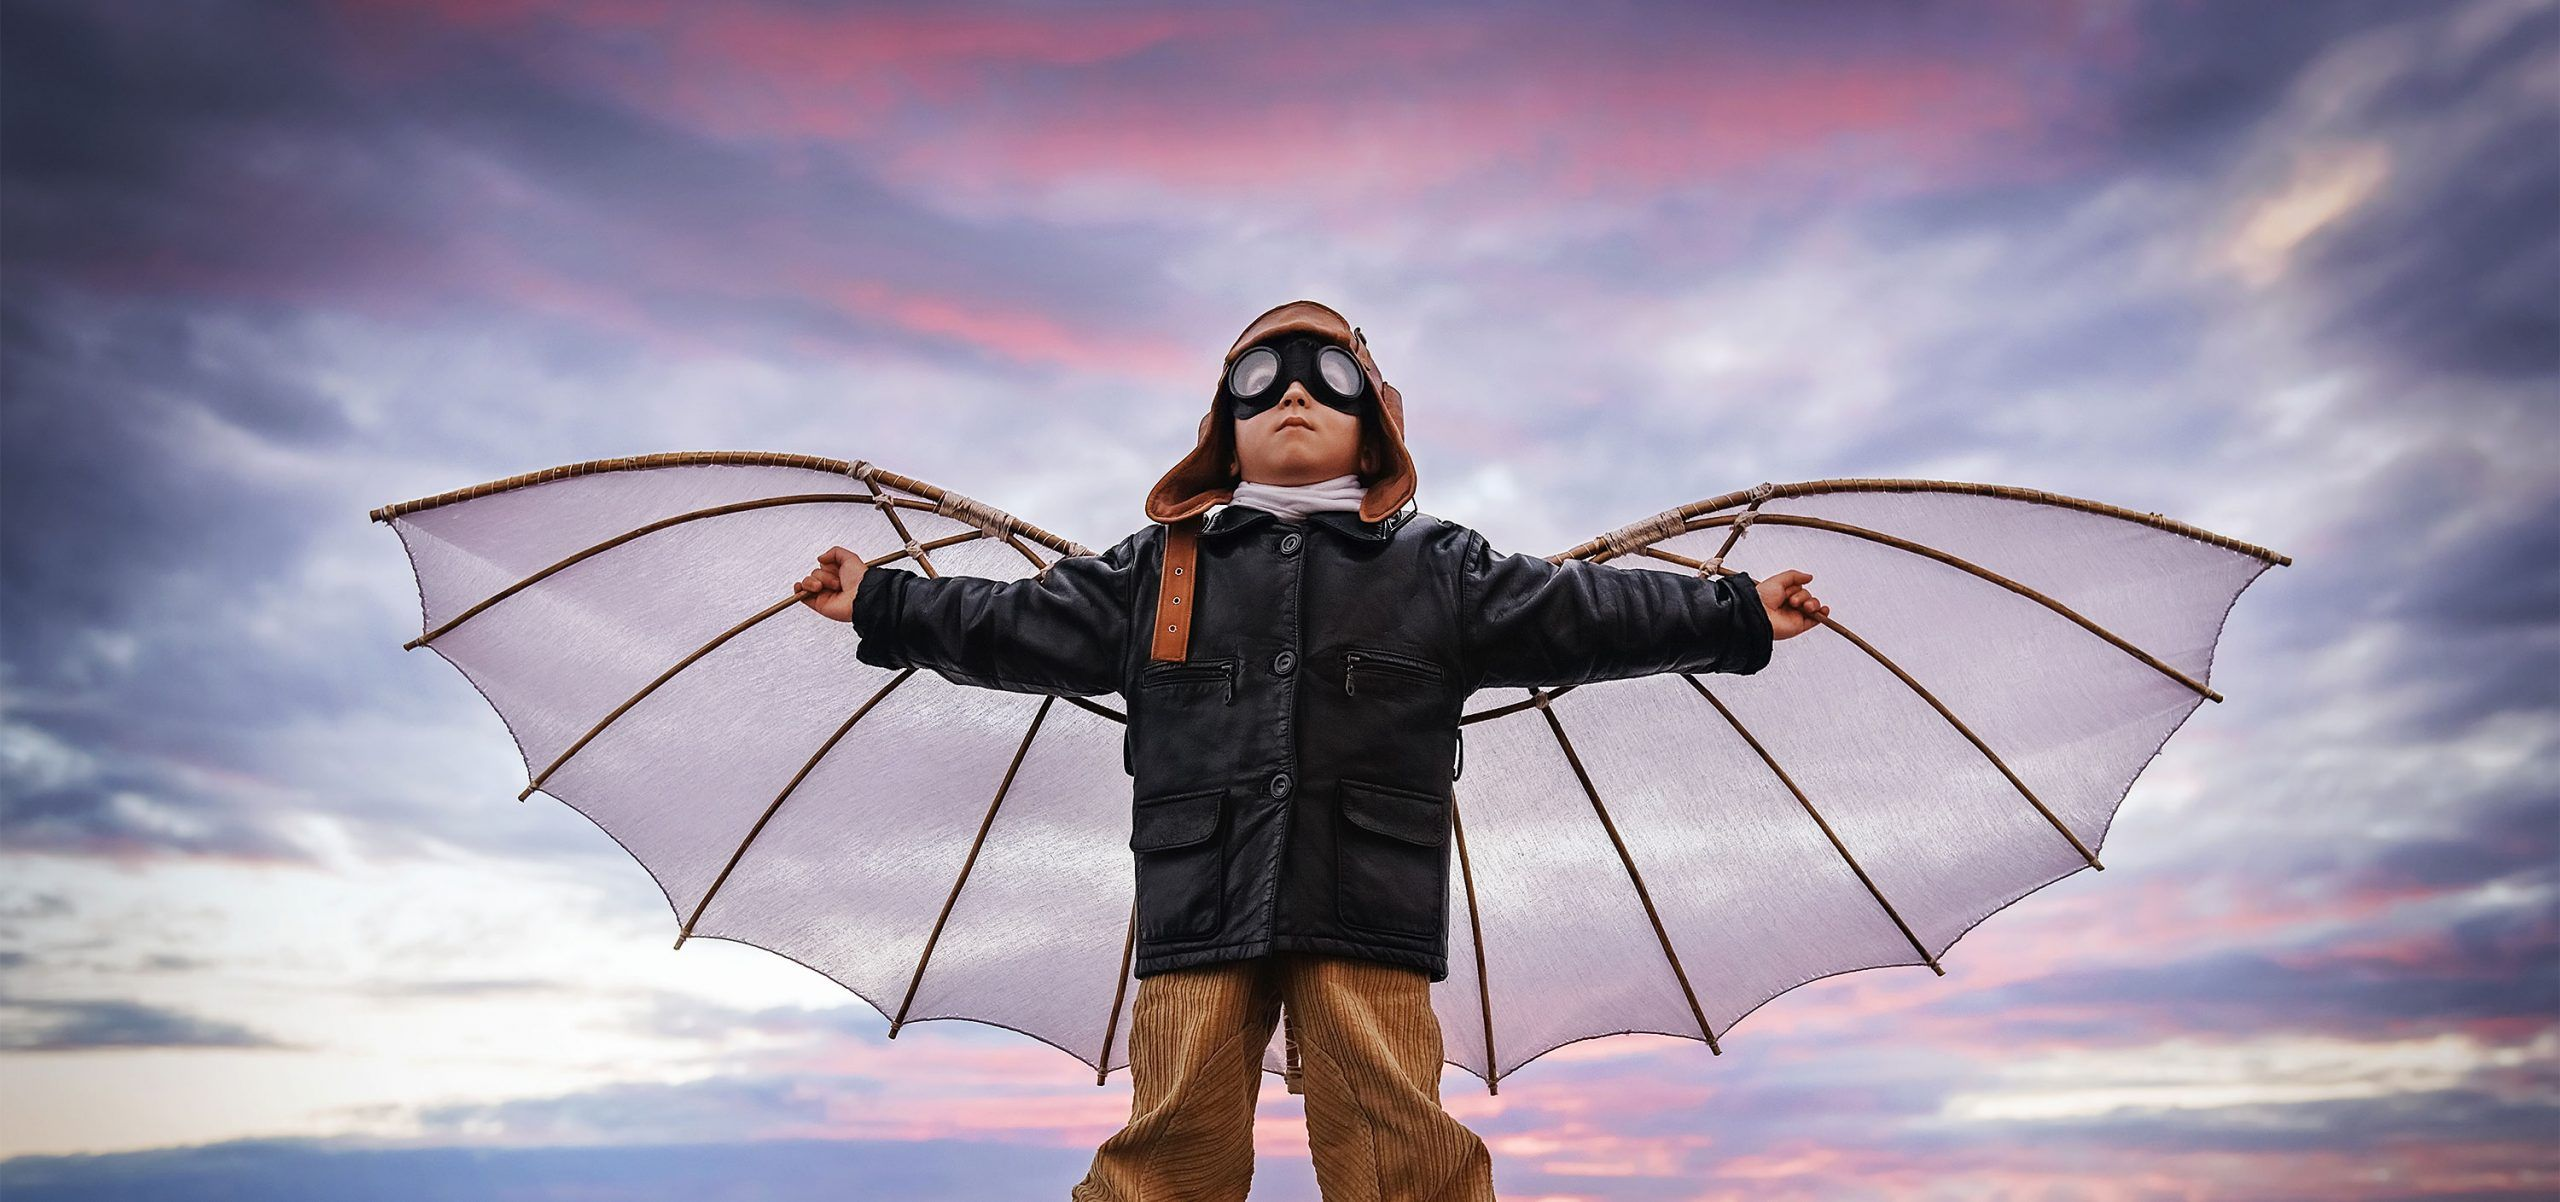 Kind mit Flügeln